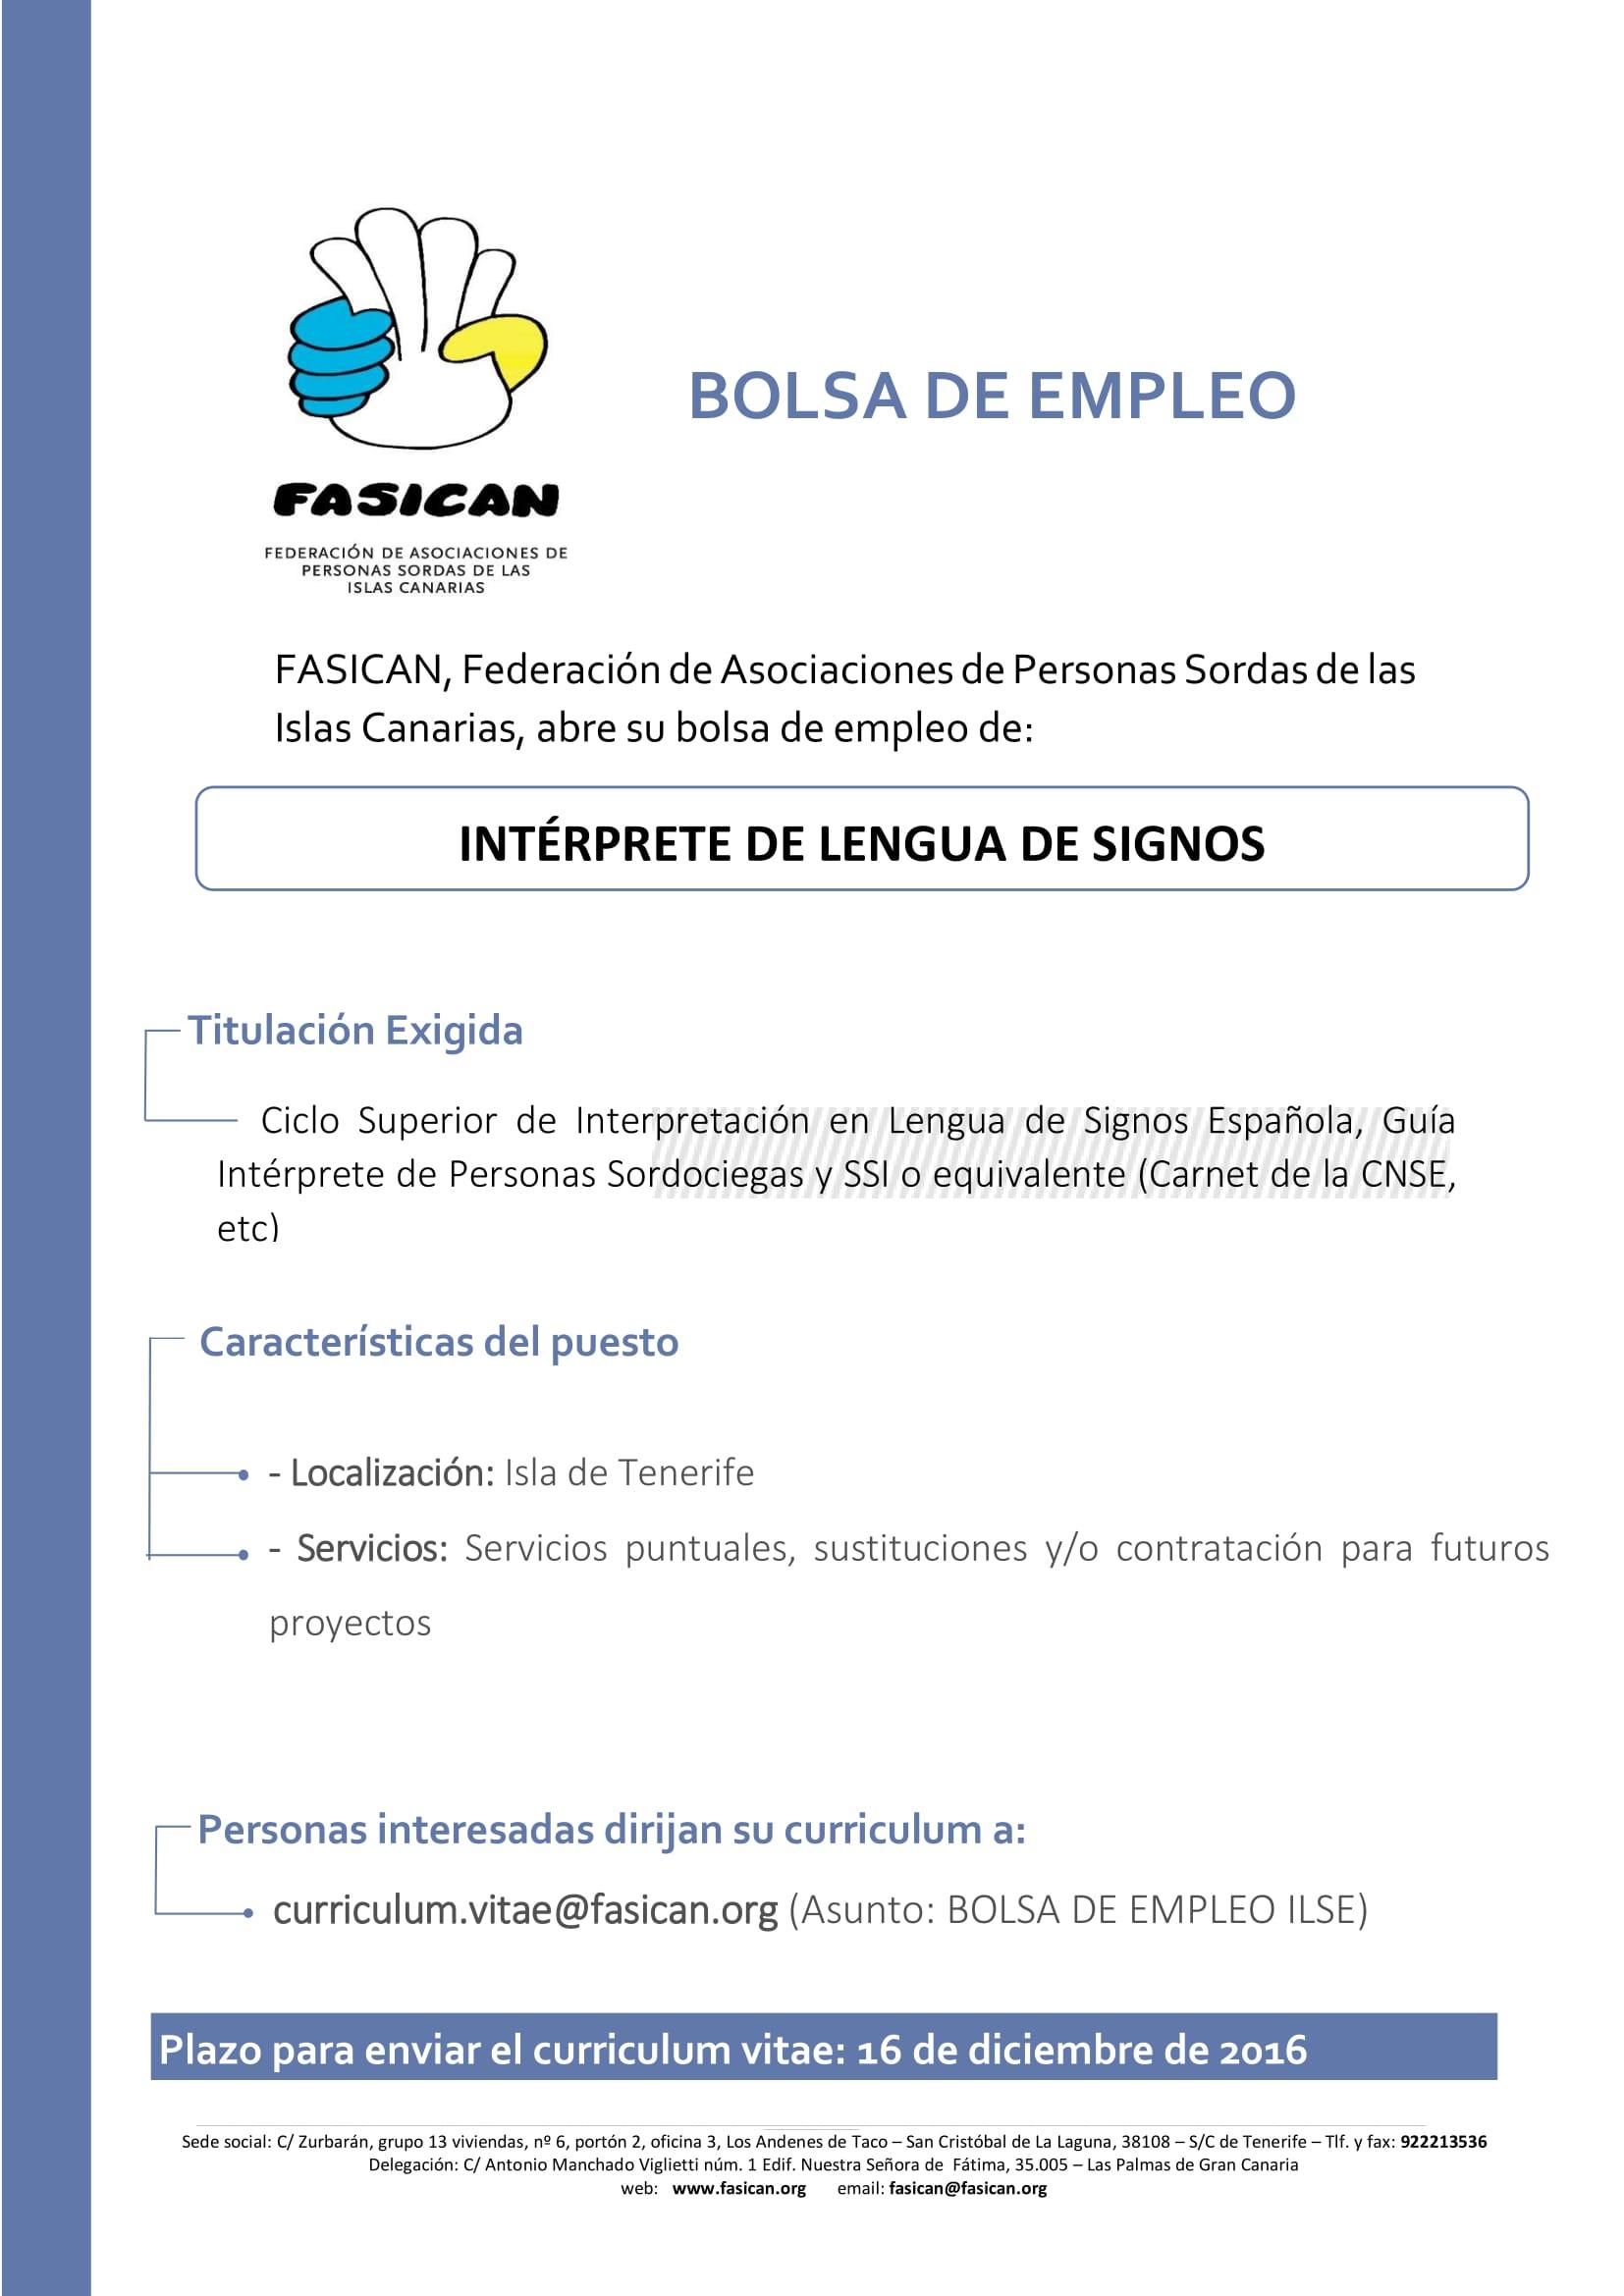 BOLSA DE EMPLEO PARA INTÉRPRETES DE LENGUA DE SIGNOS. - FASICAN